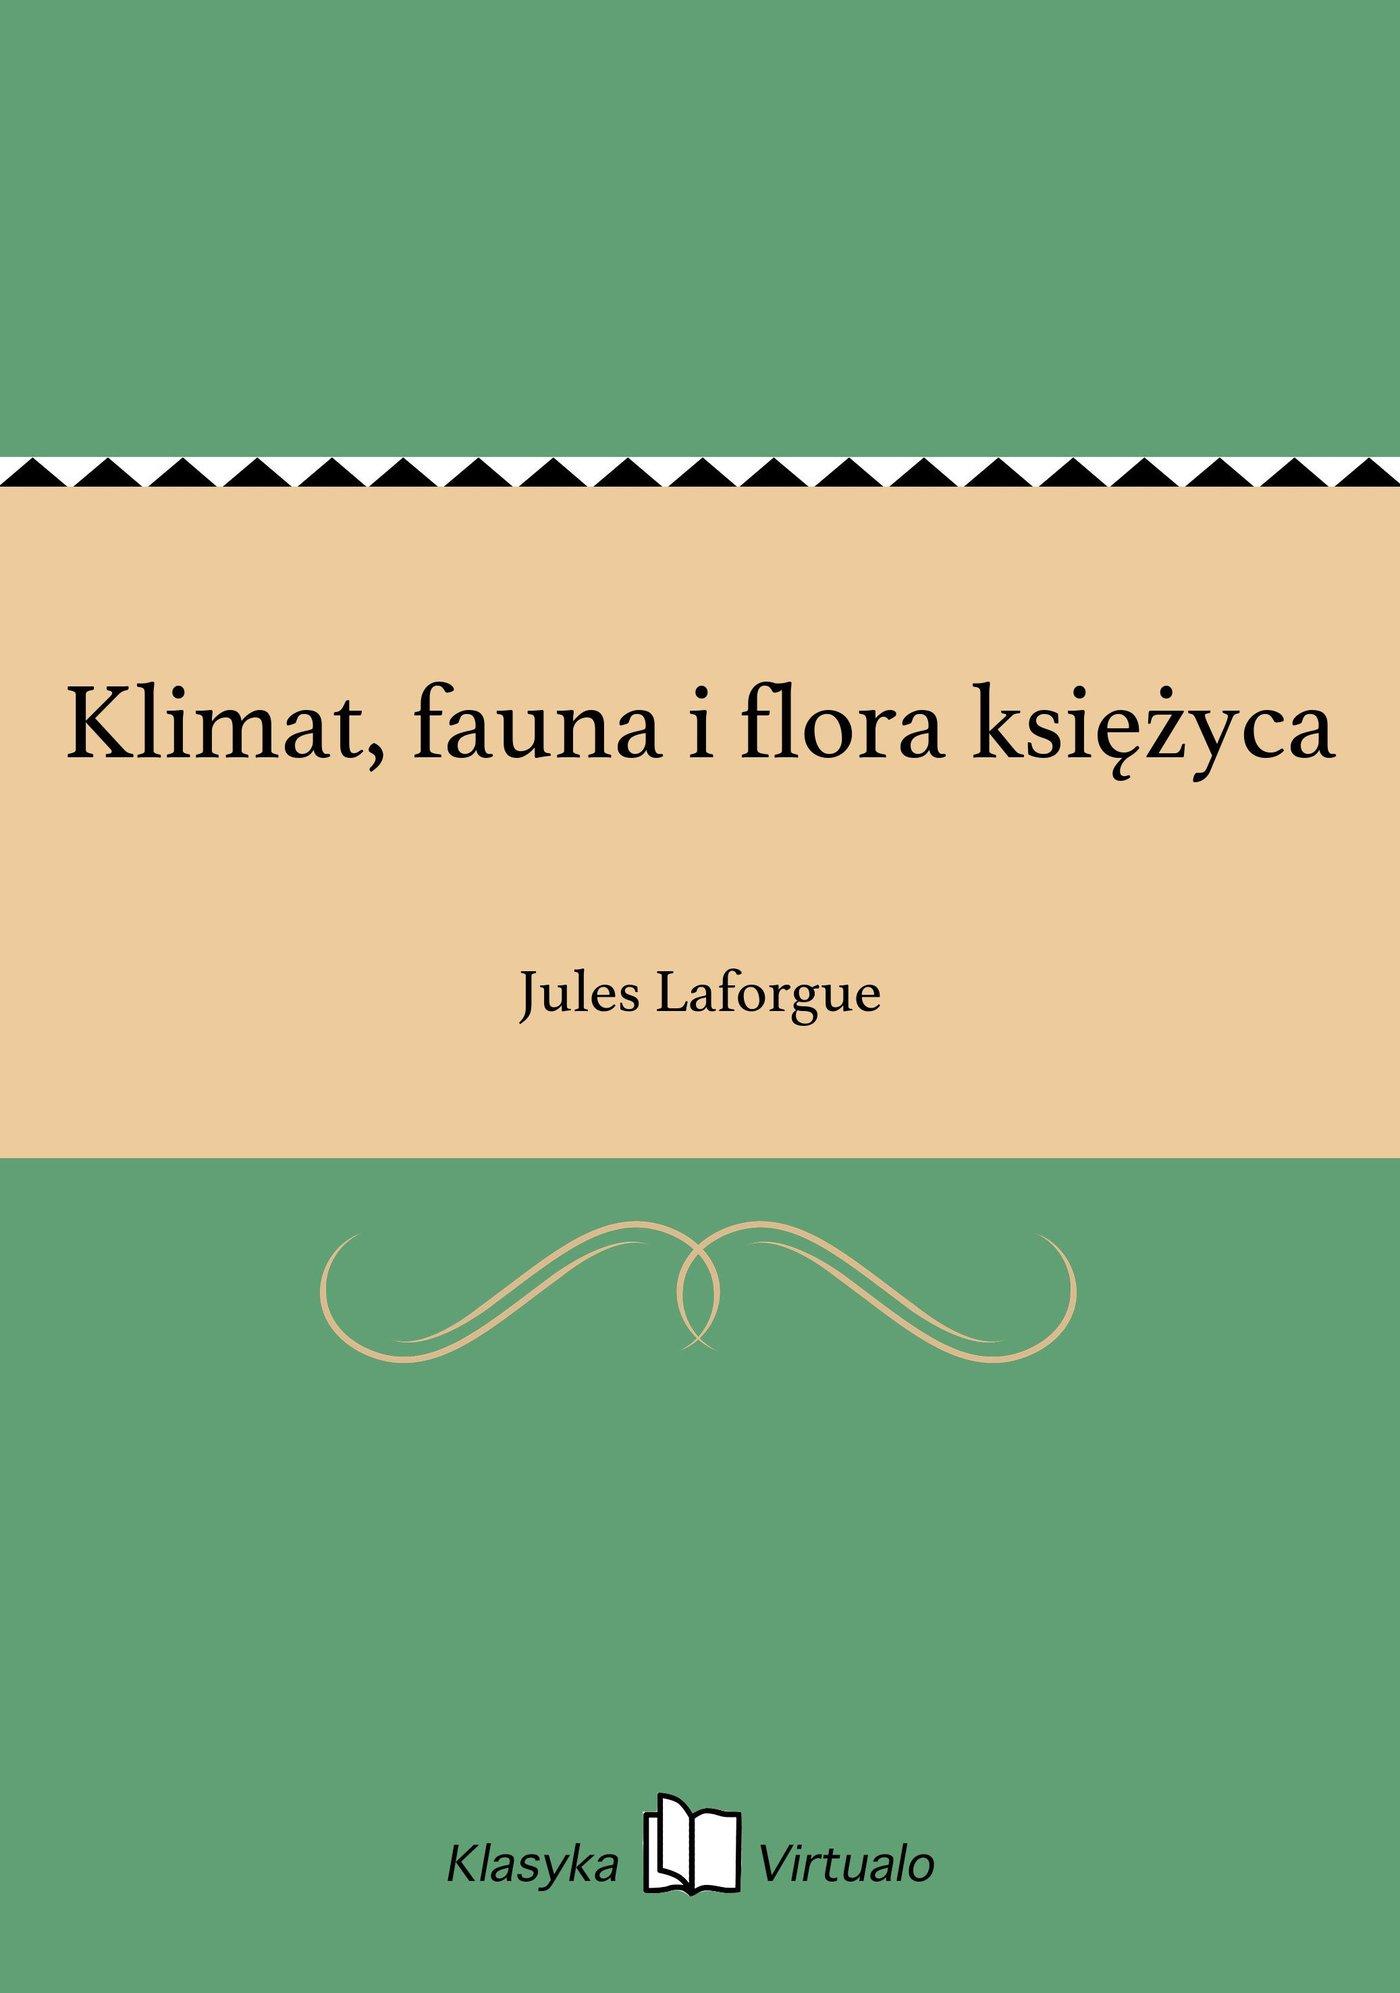 Klimat, fauna i flora księżyca - Ebook (Książka EPUB) do pobrania w formacie EPUB